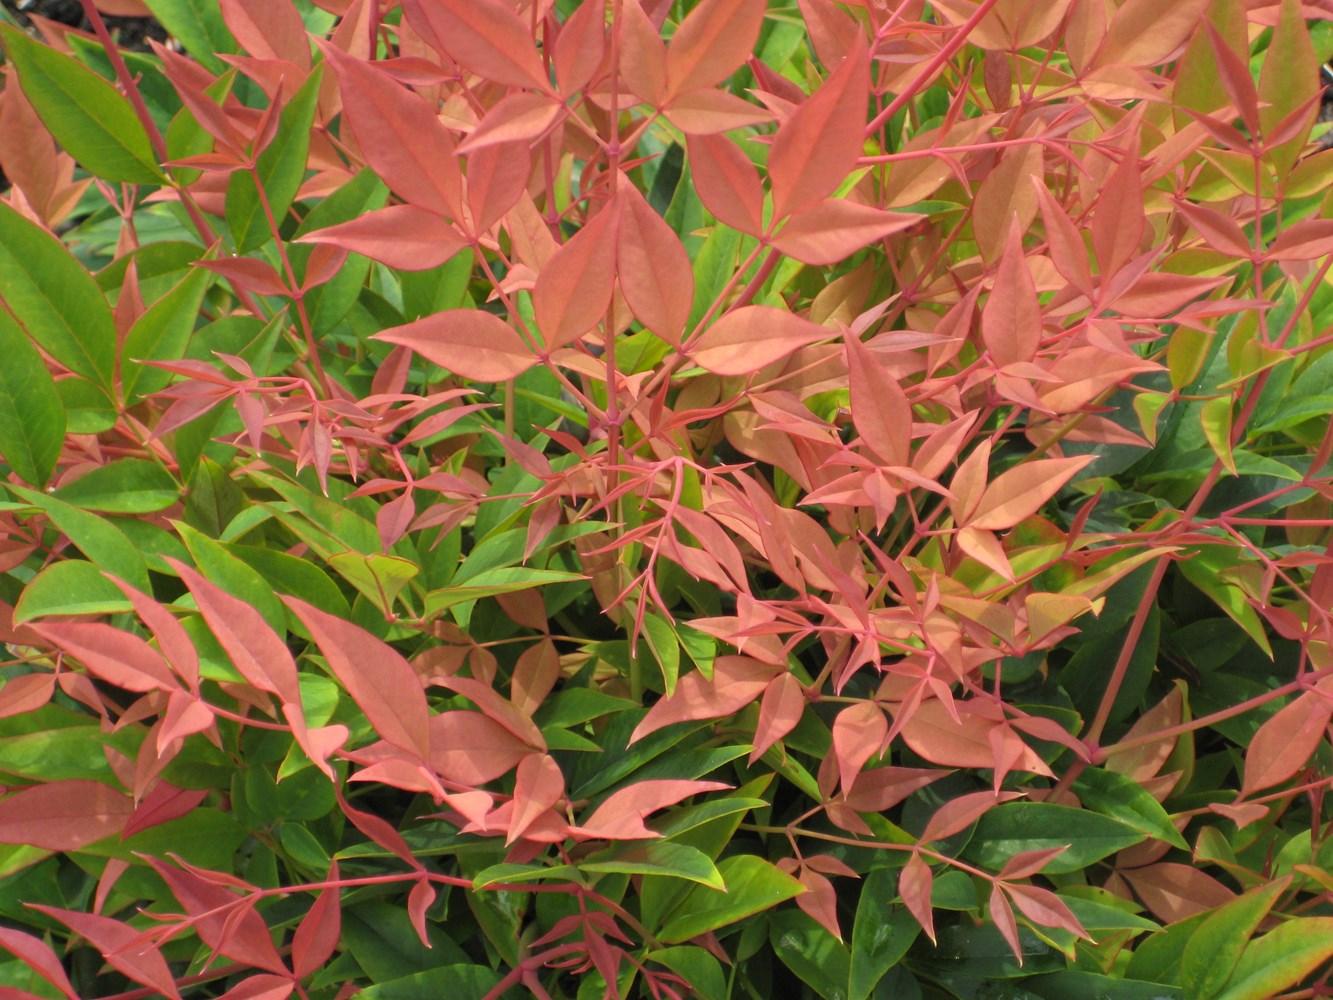 Website/Plants/2144398968/Images/Gallery/n_magical_sunrise_03.0.jpg